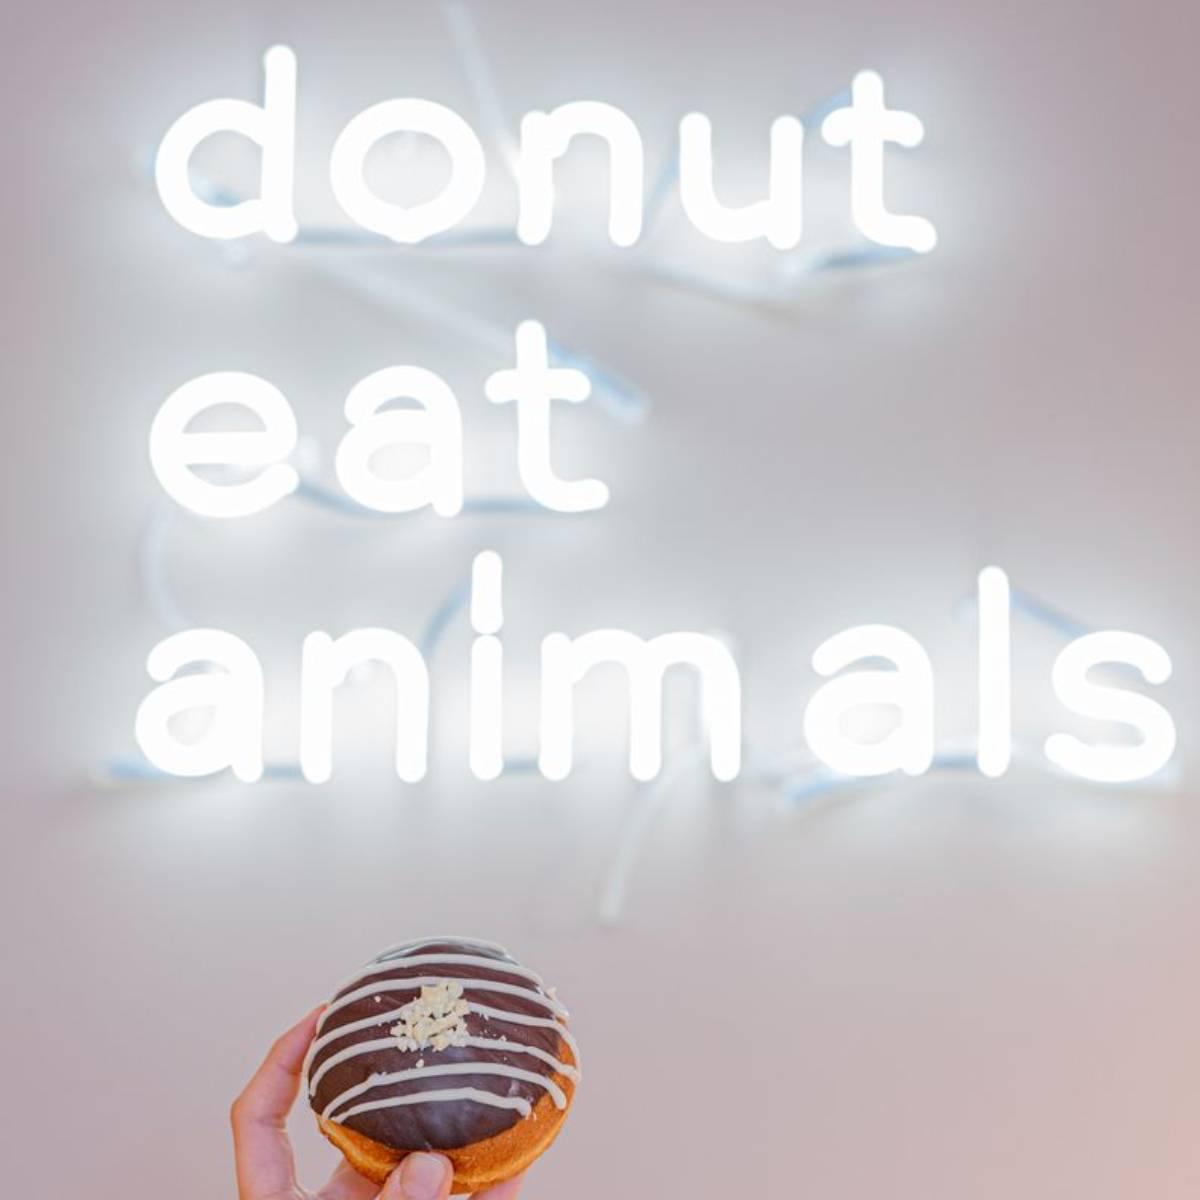 Brammibals Donuts